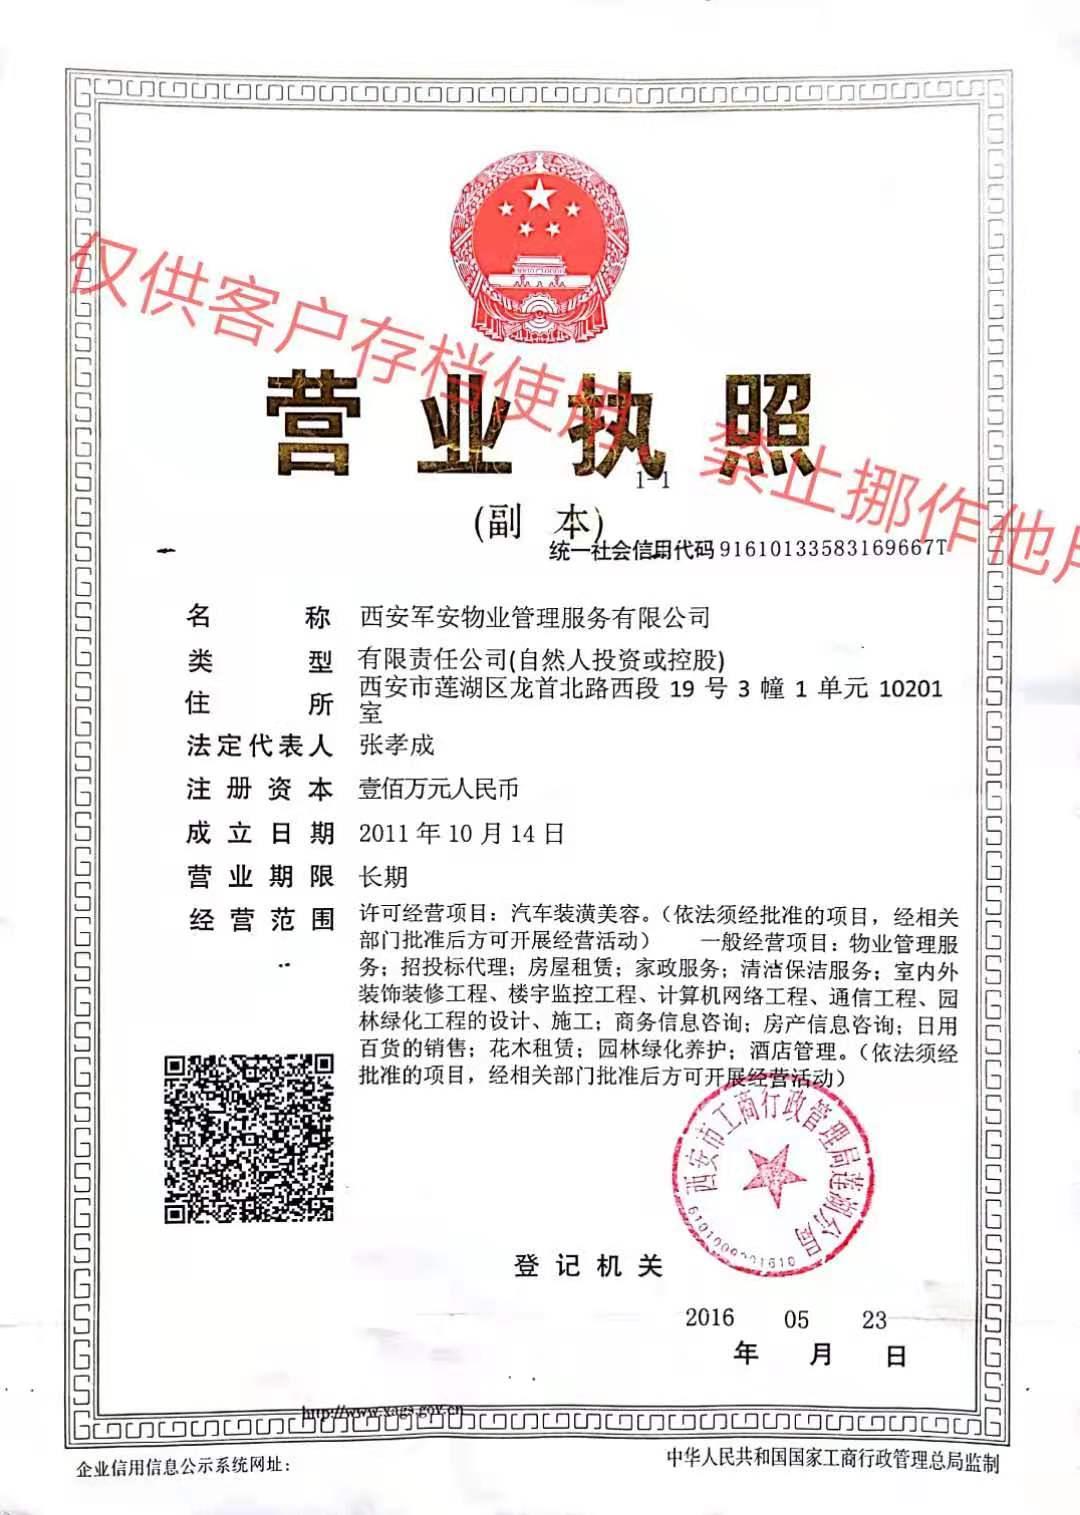 西安物业公司/西安物业管理服务公司